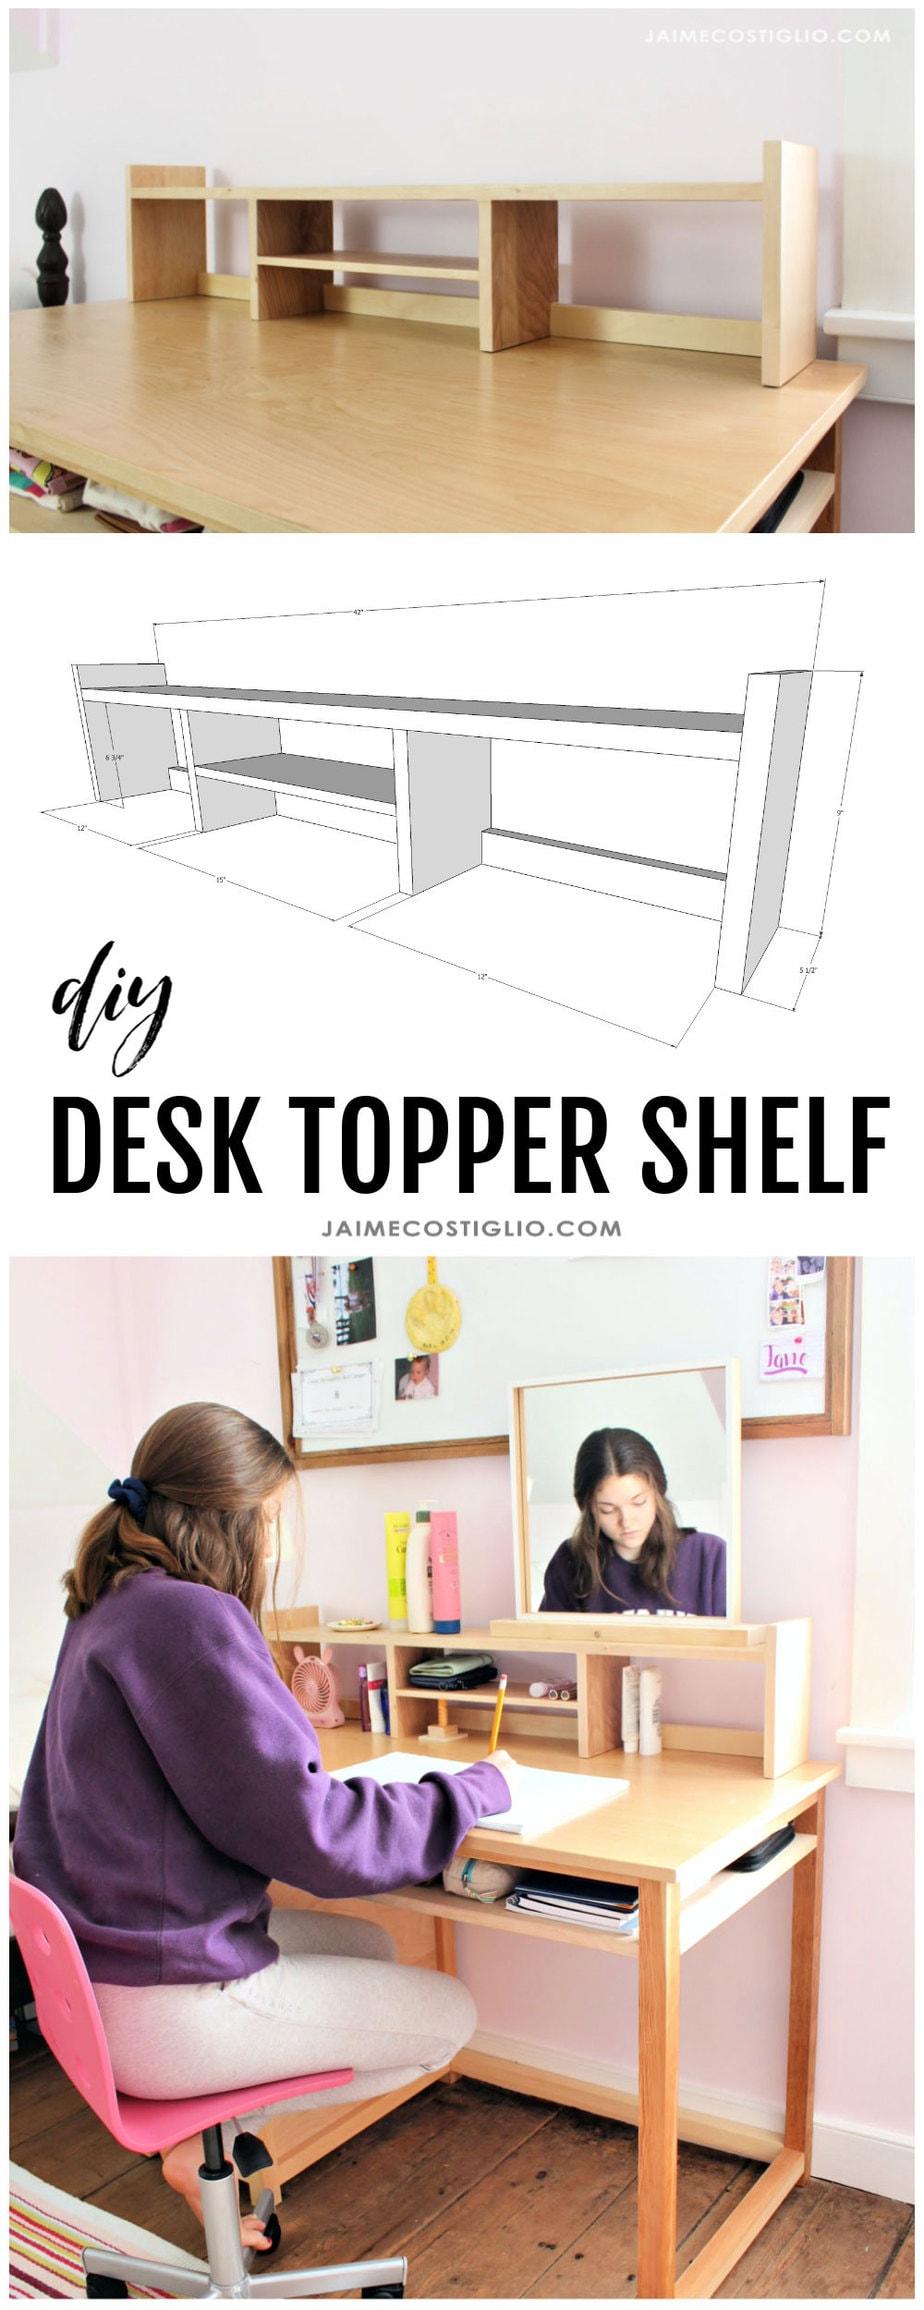 diy desk topper shelf collage